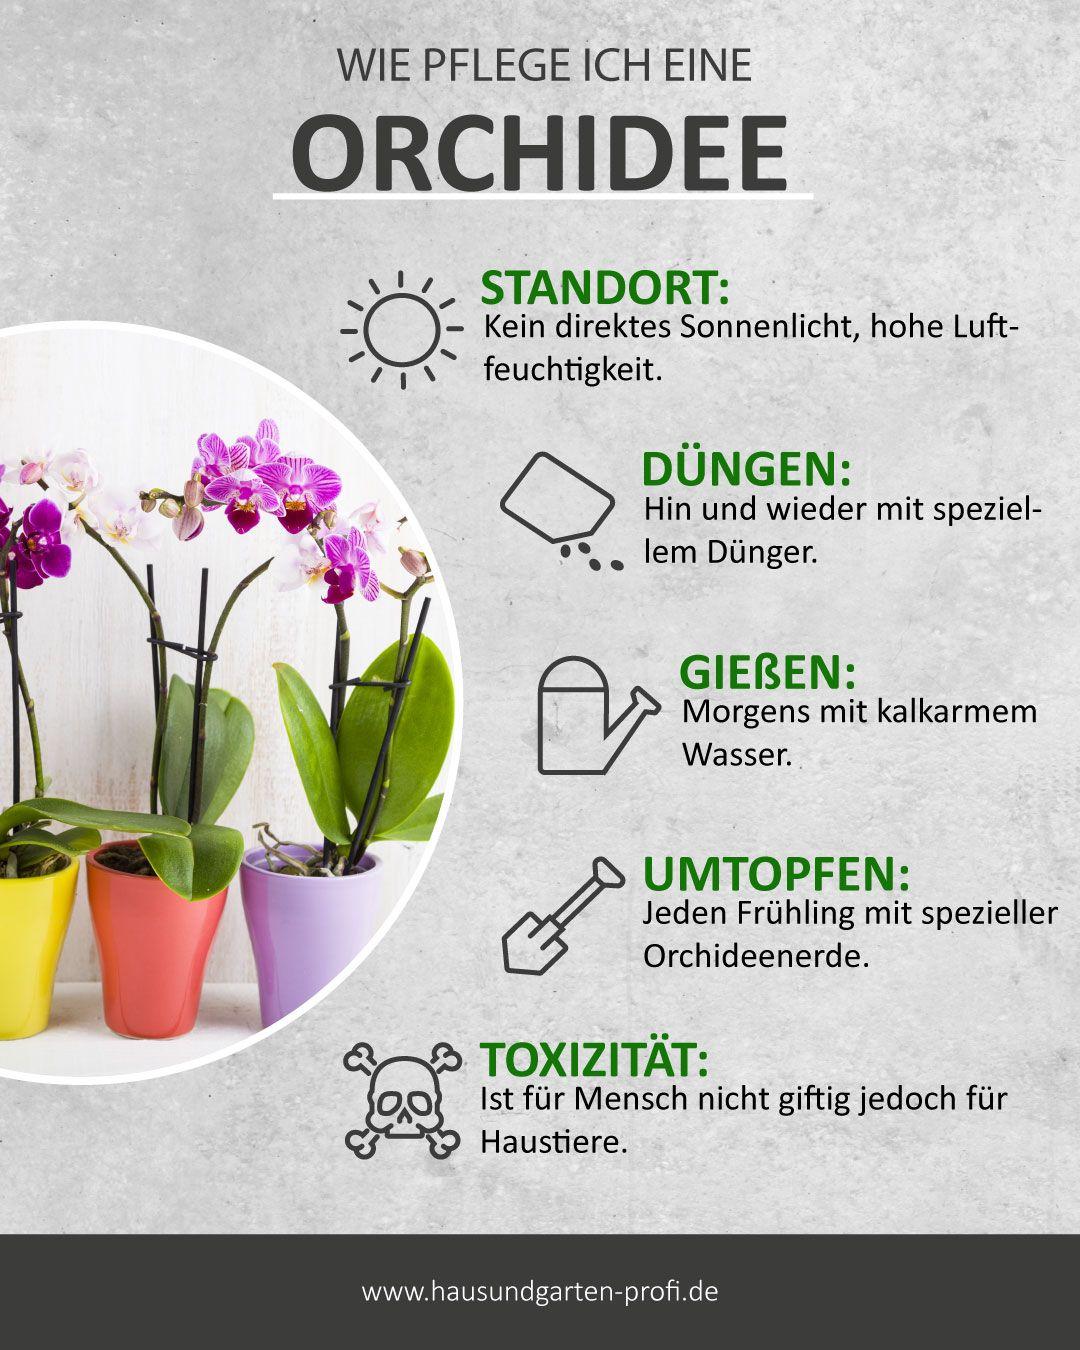 Tipps und Tricks für eine Orchidee zum Thema: (Pflege, Gießen, Düngen, Standort)